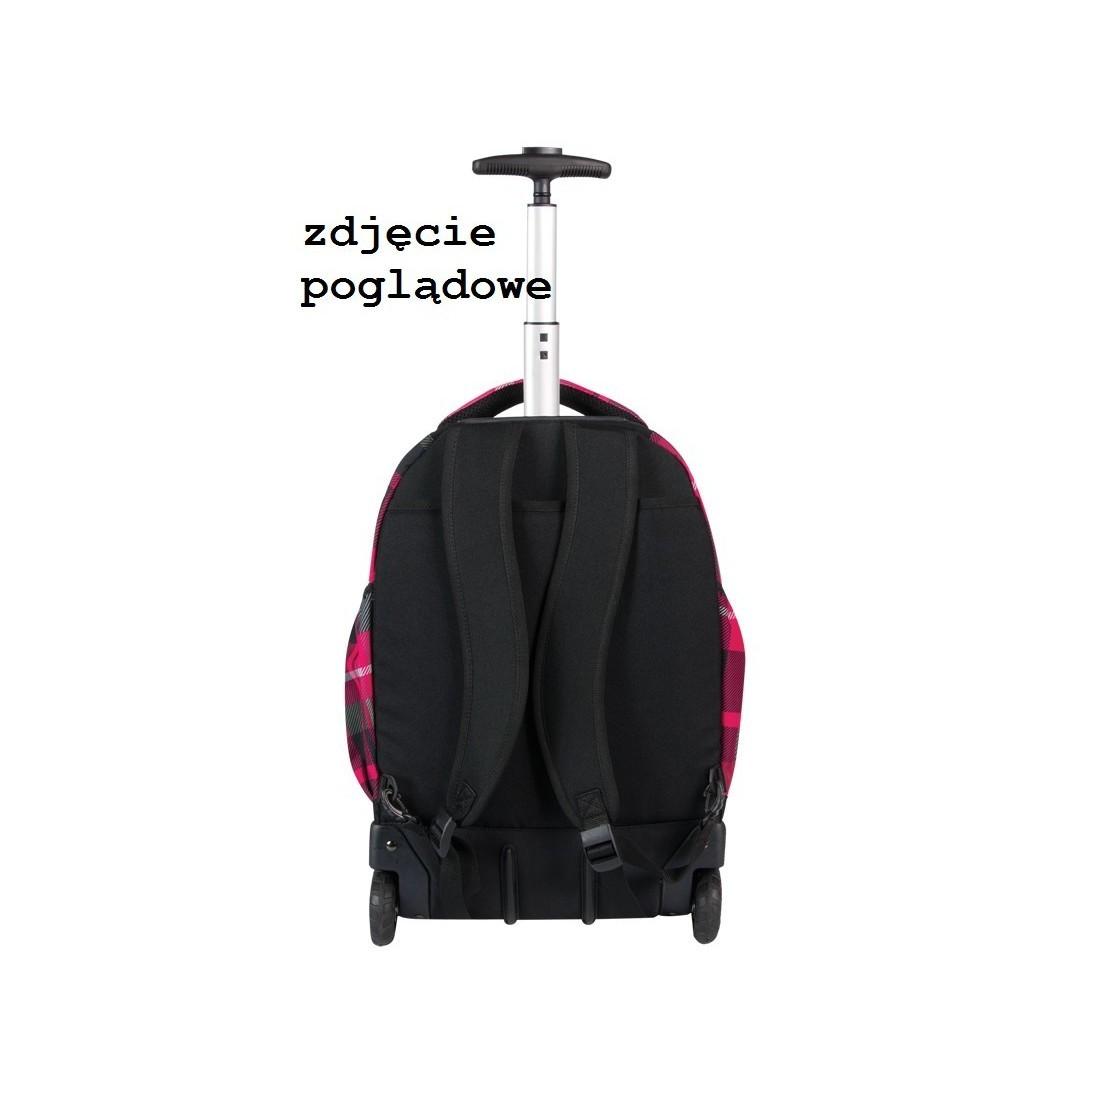 Plecak CoolPack na kółkach dla dziewczyny w kratkę - RAPID STRATFORD CP 043 - plecak-tornister.pl